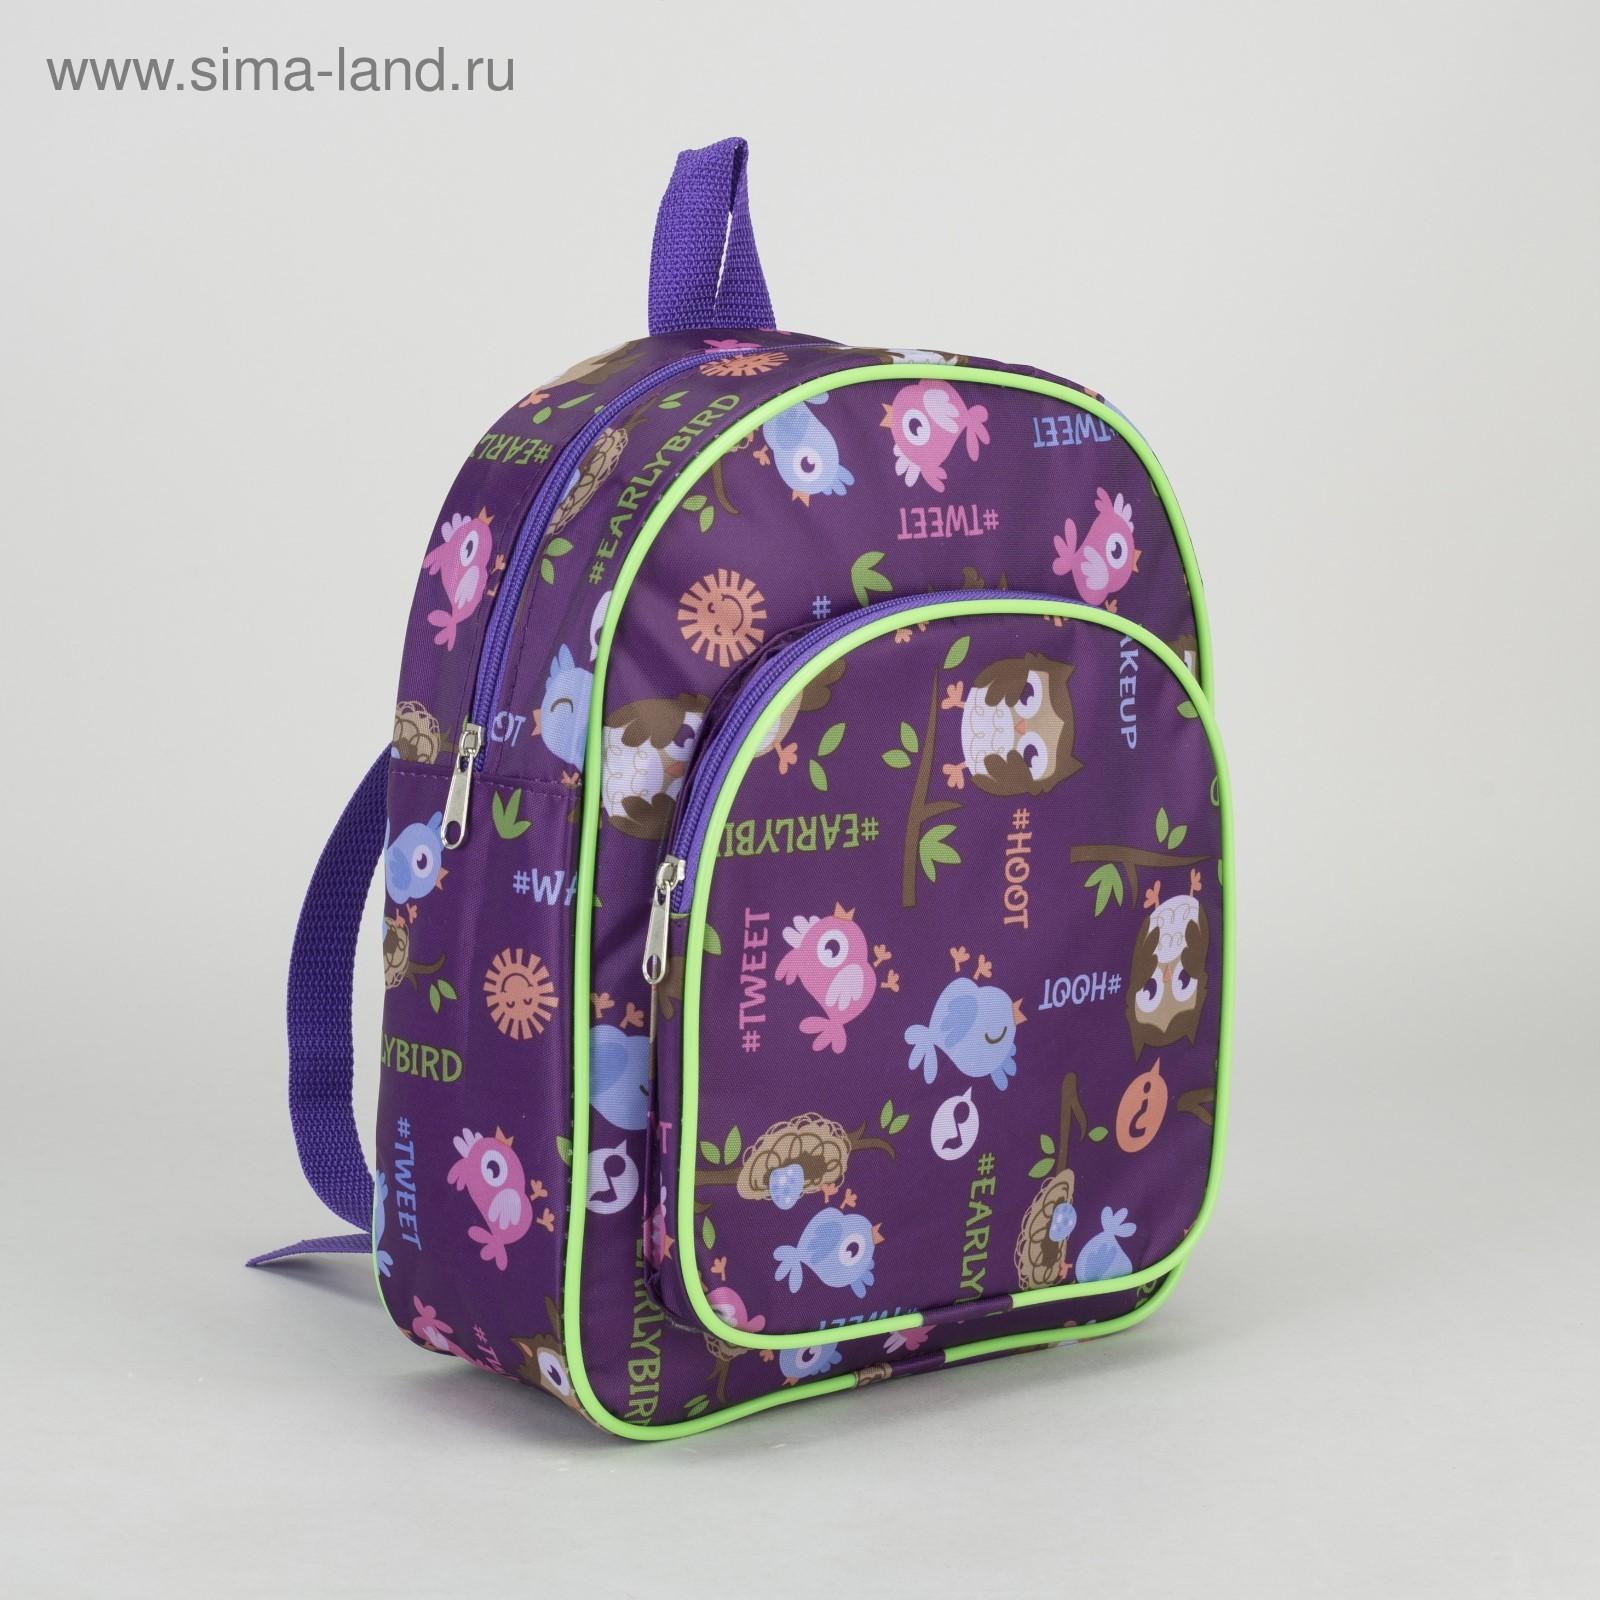 9f75fece41e2 Рюкзак детский на молнии